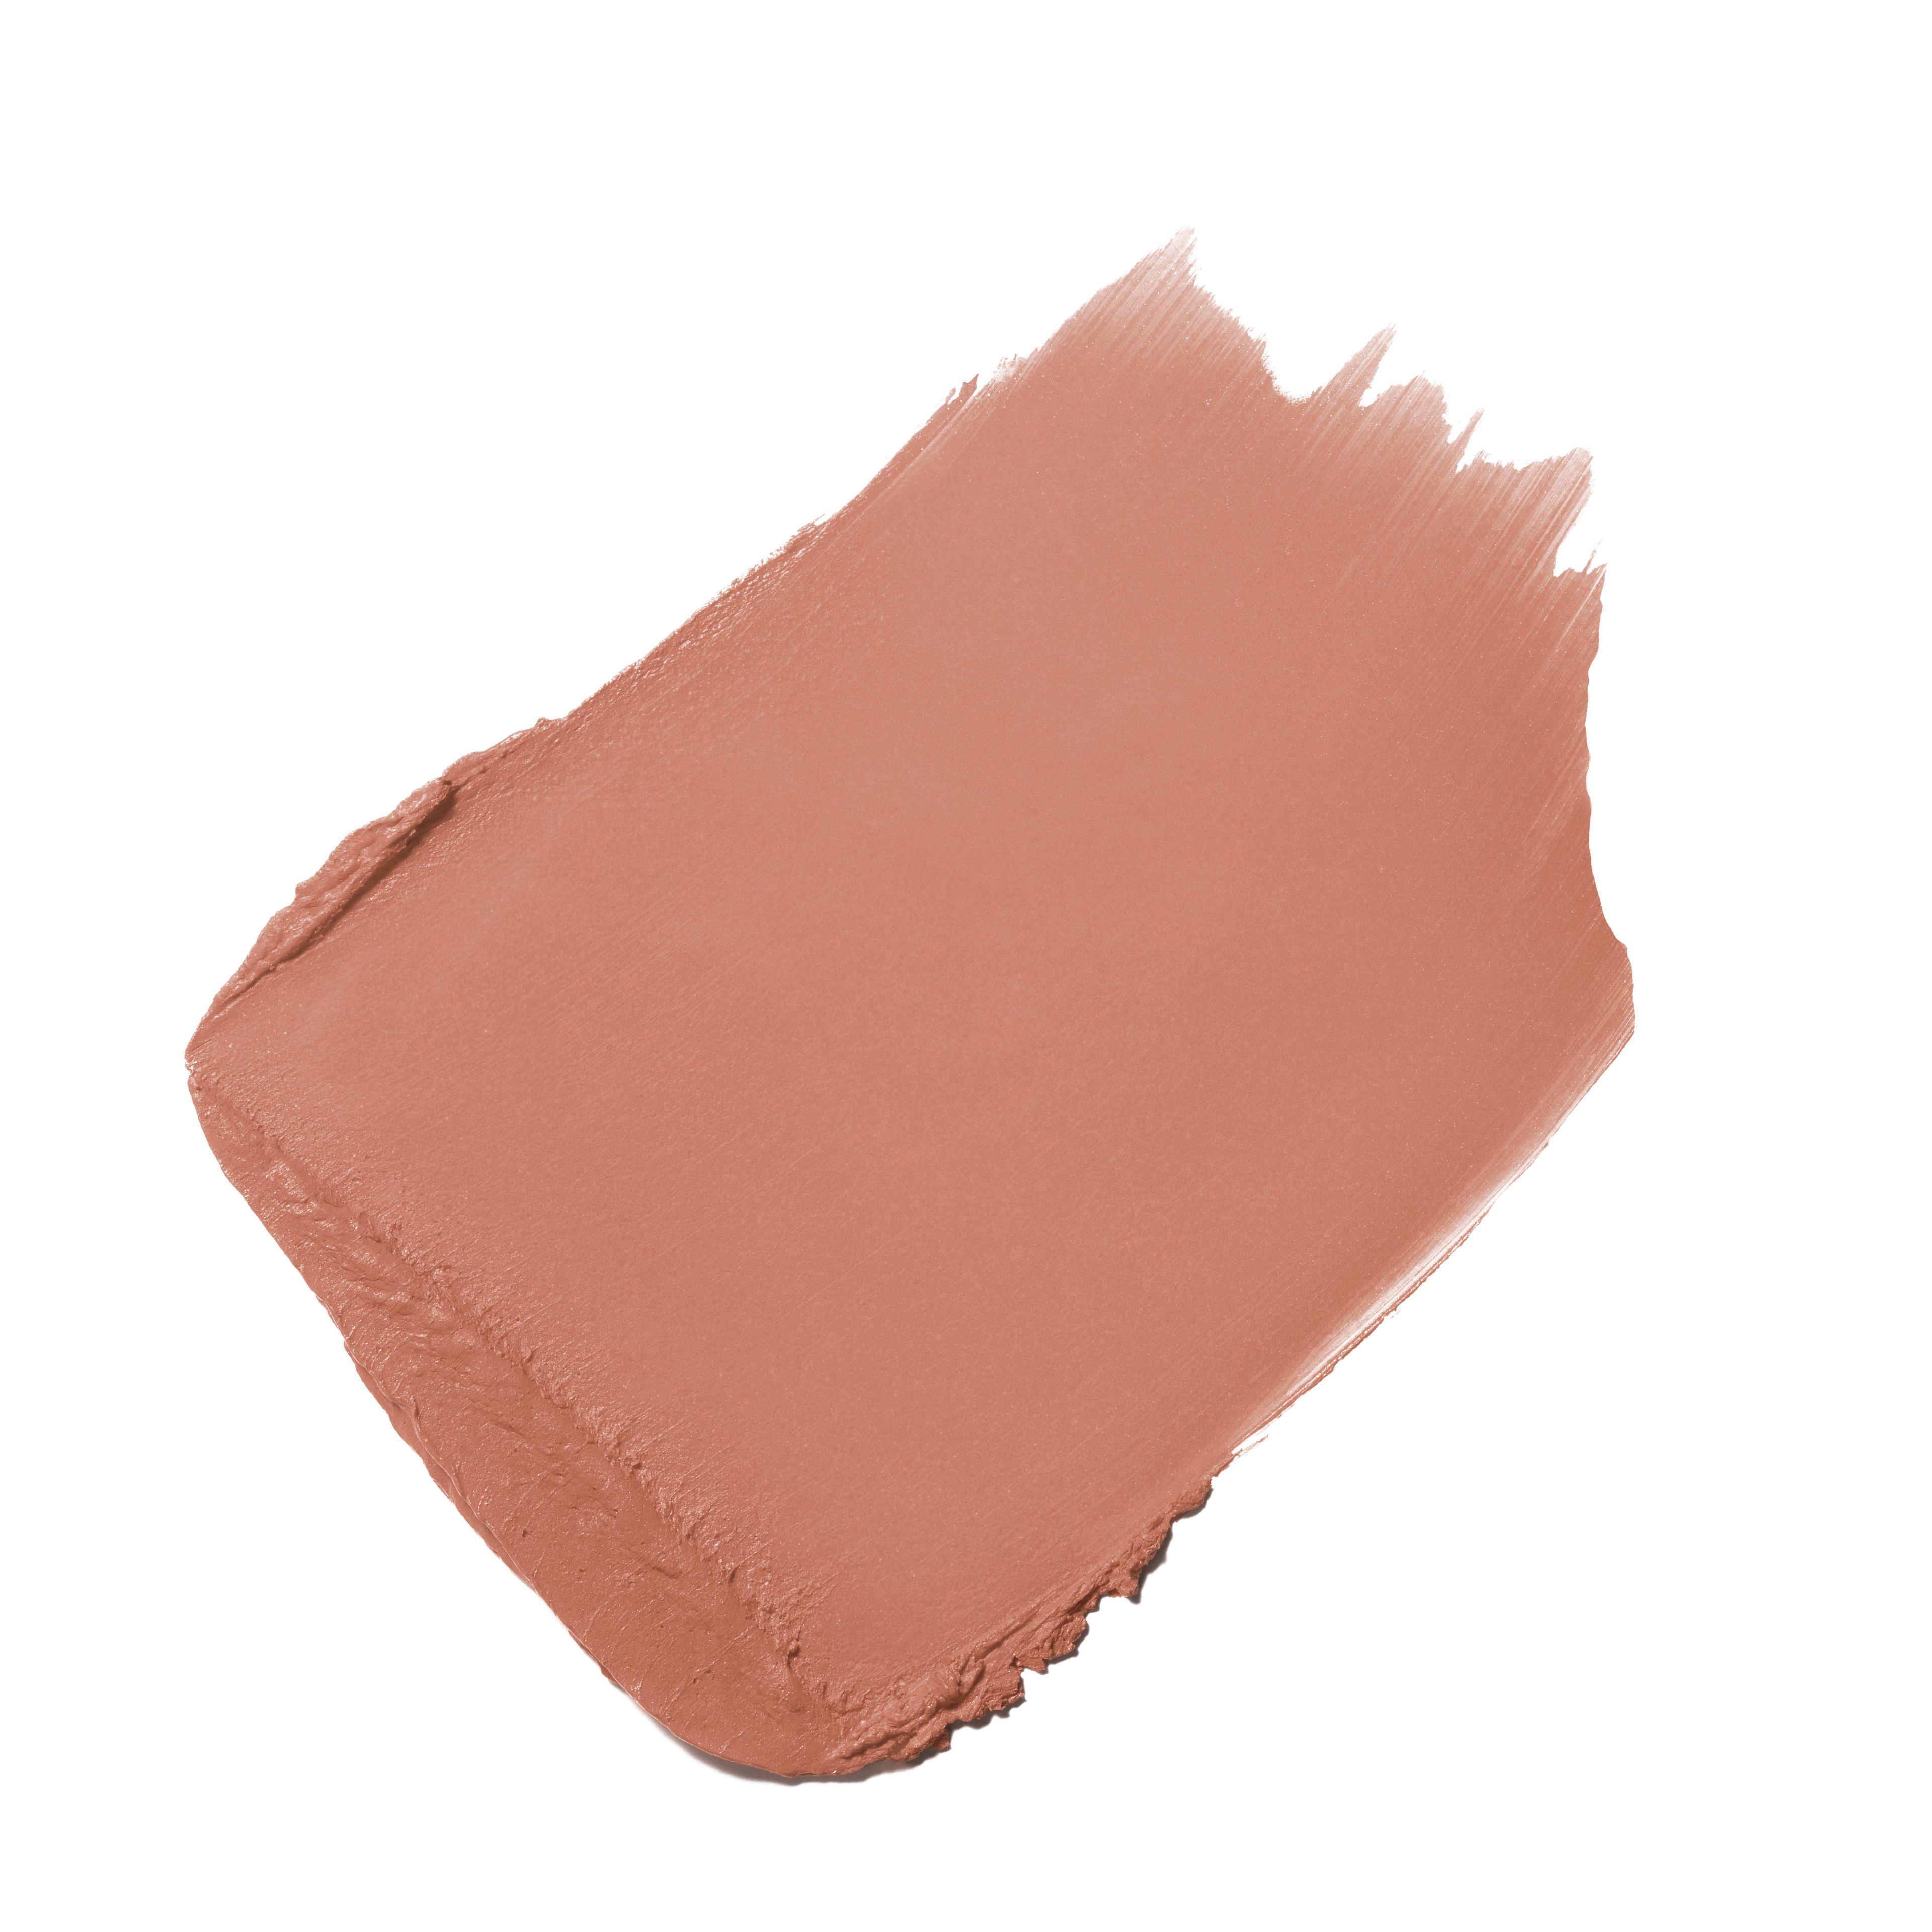 ROUGE ALLURE VELVET Luminous Matte Lip Colour 71 NUANCE